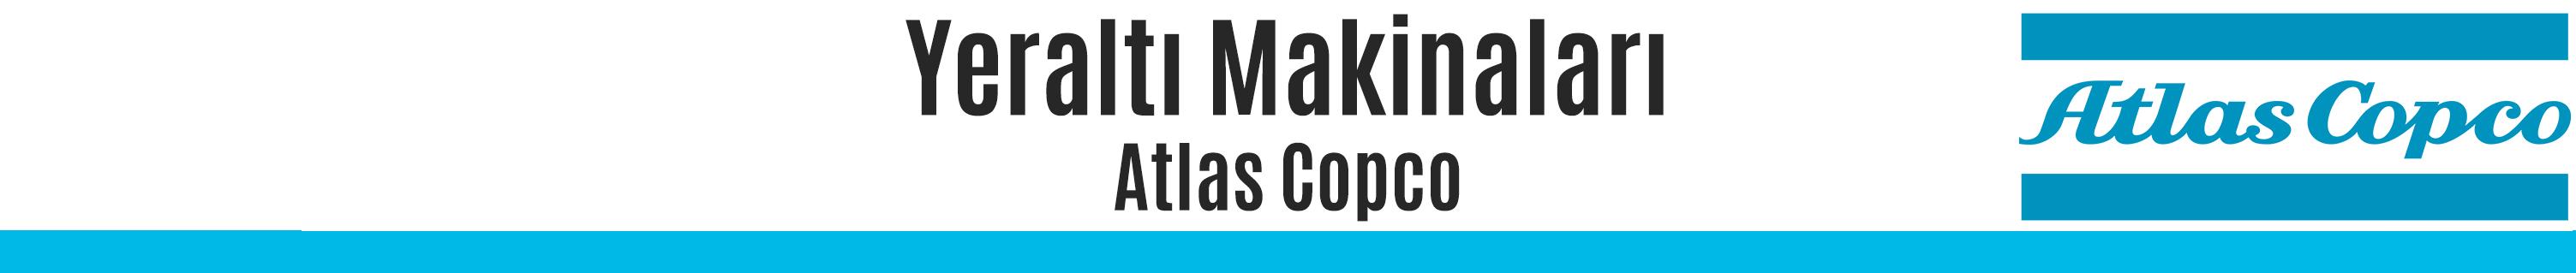 Atlas copco yeraltı makinaları